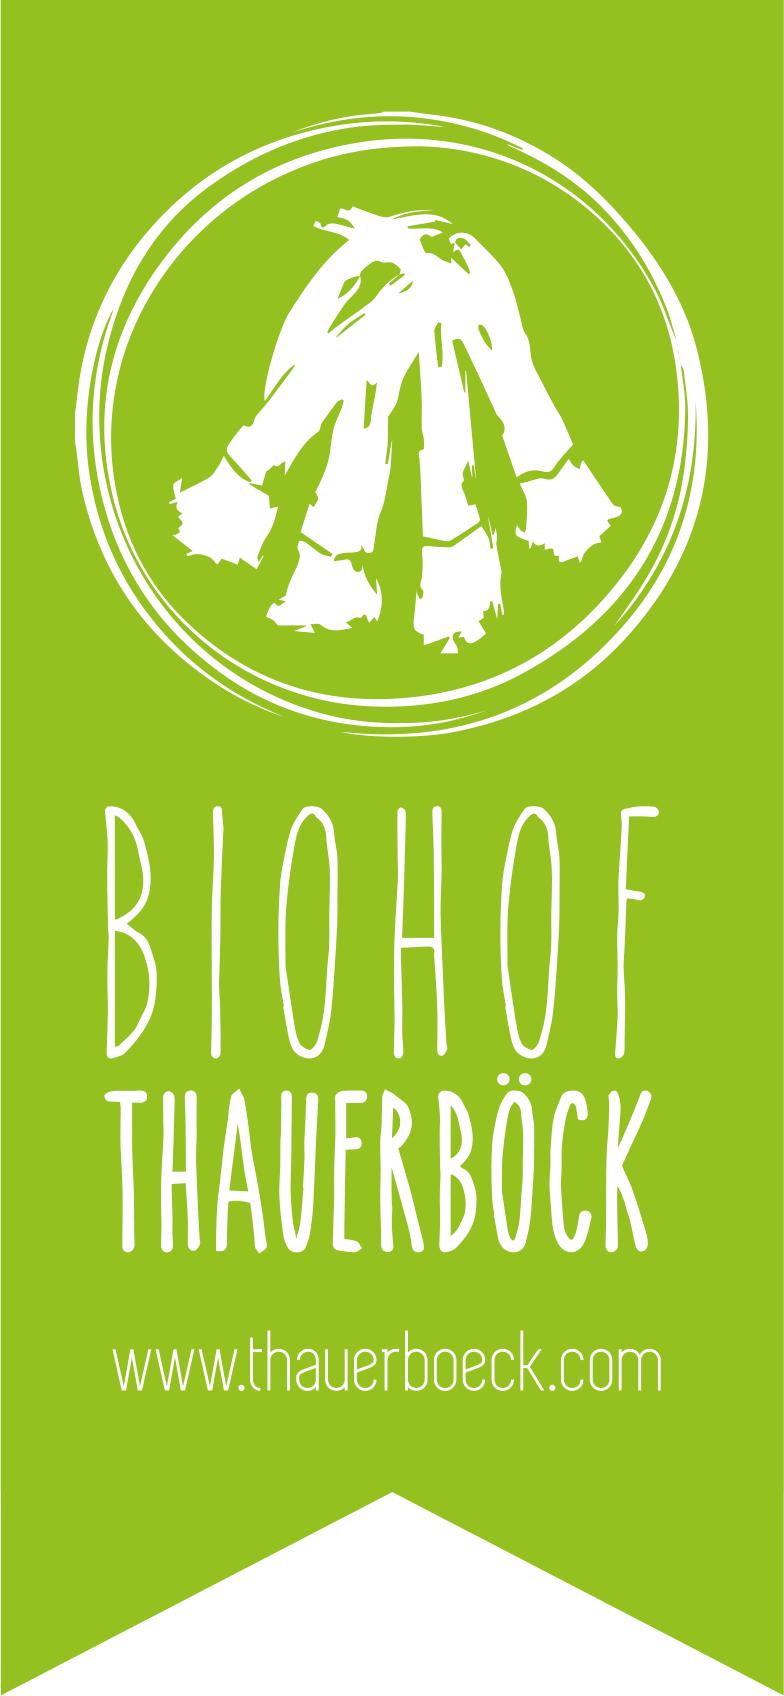 Bio_Thauerboeck_Logo_gruen